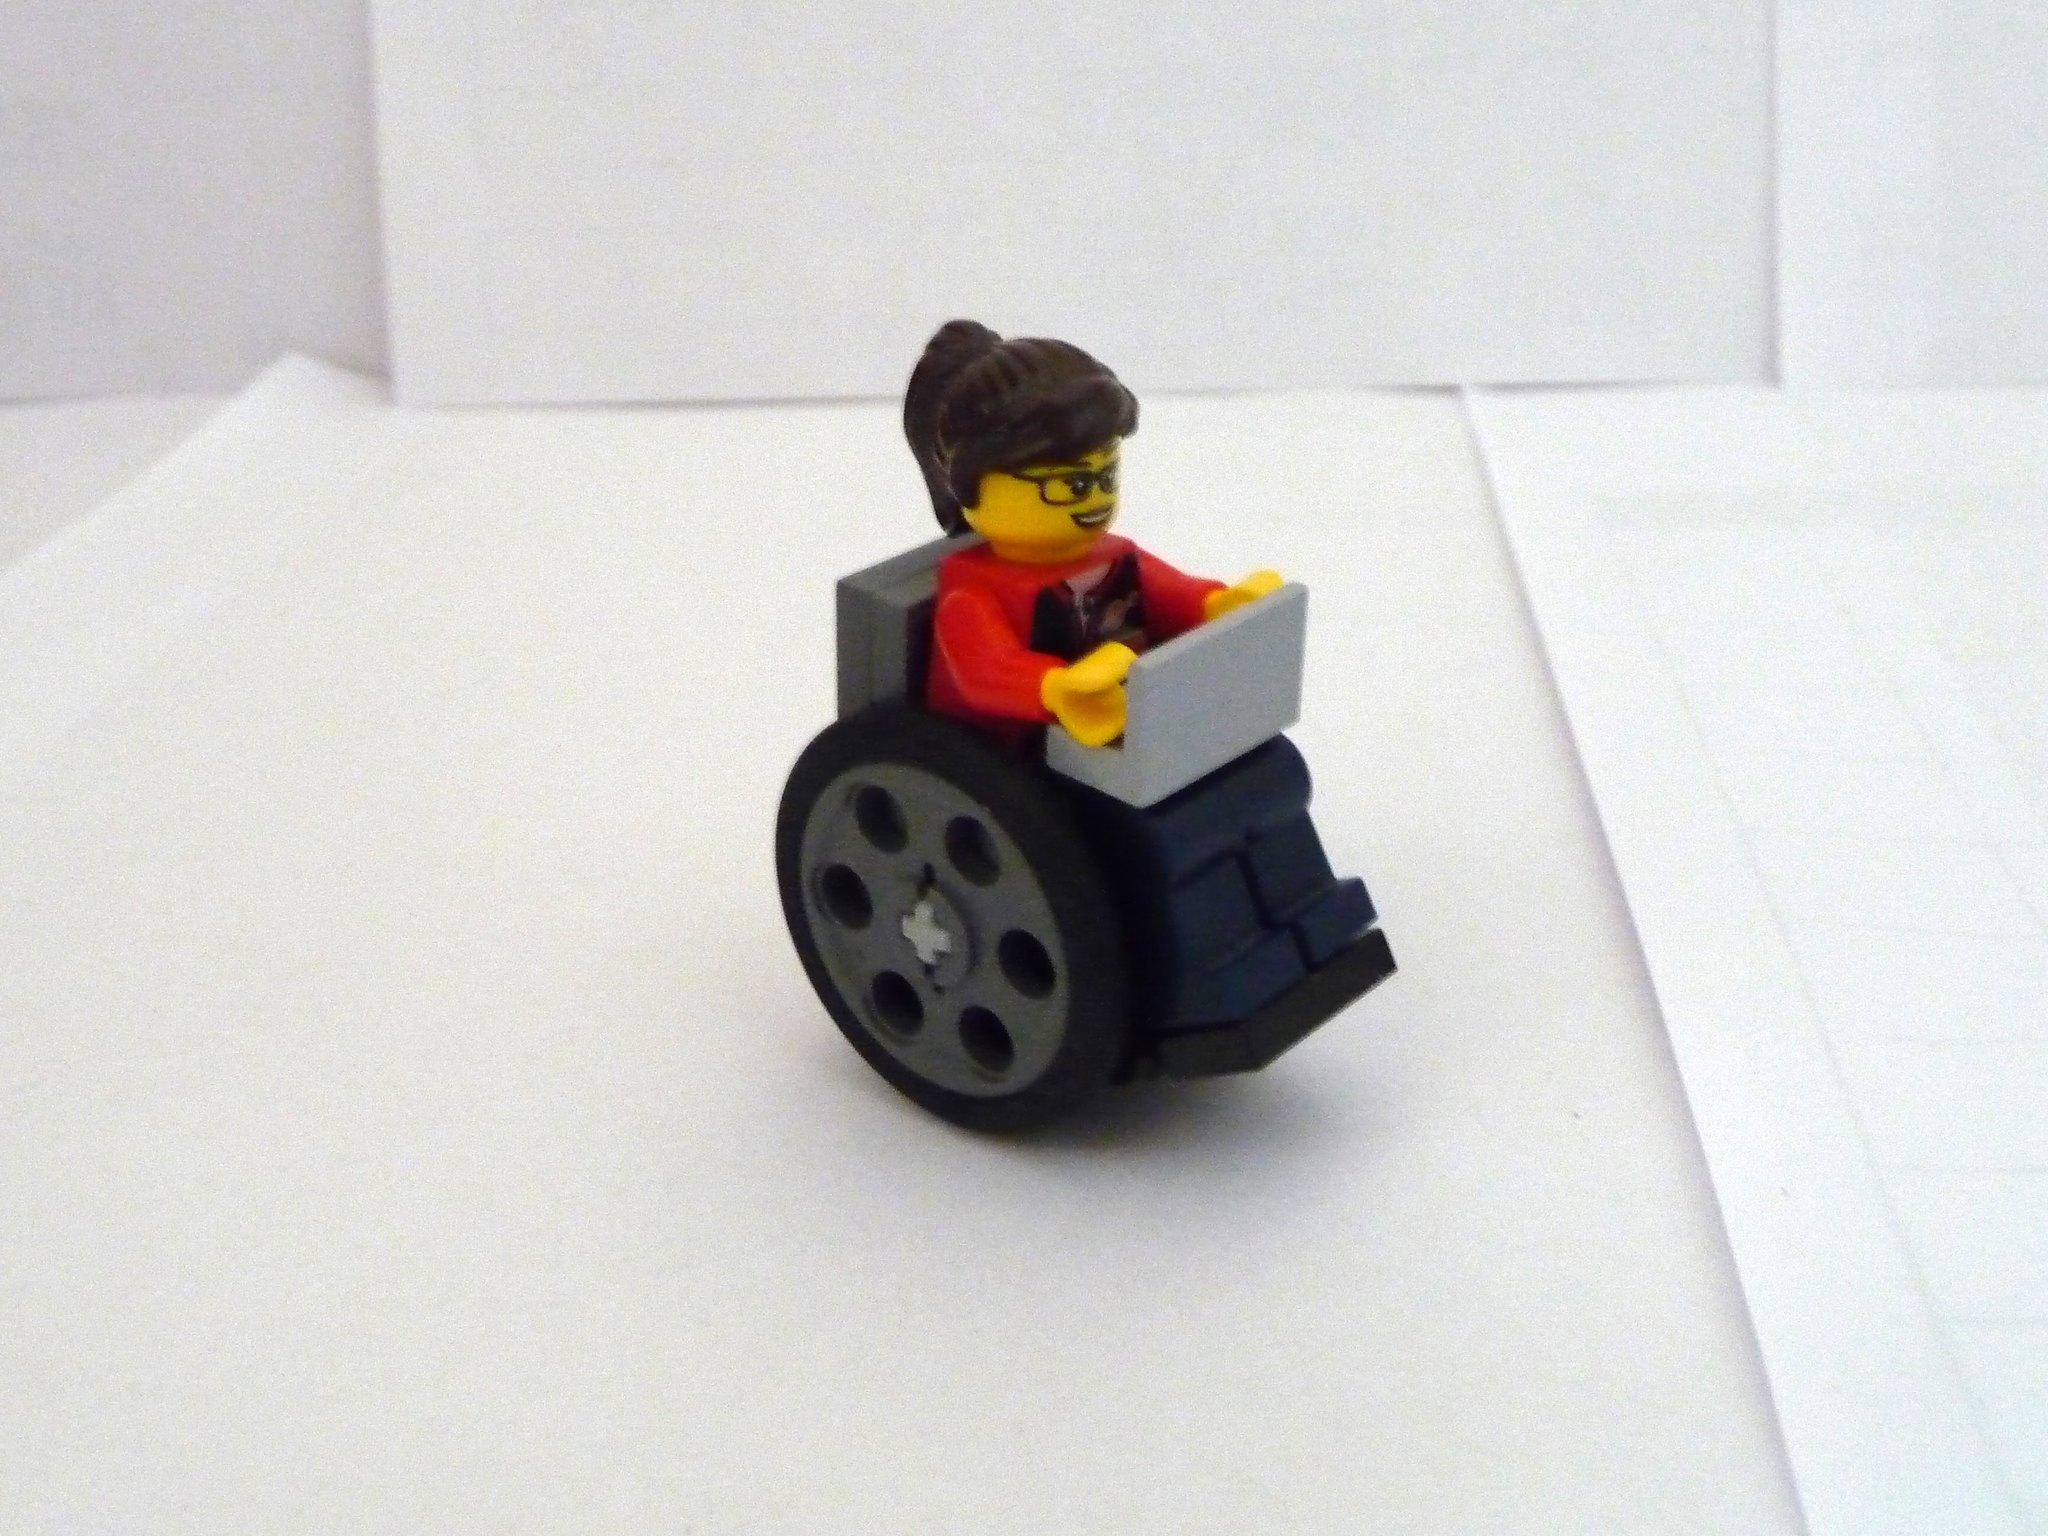 [MOC] Oracle - fauteuil roulant  16272070114_0328d5a781_k